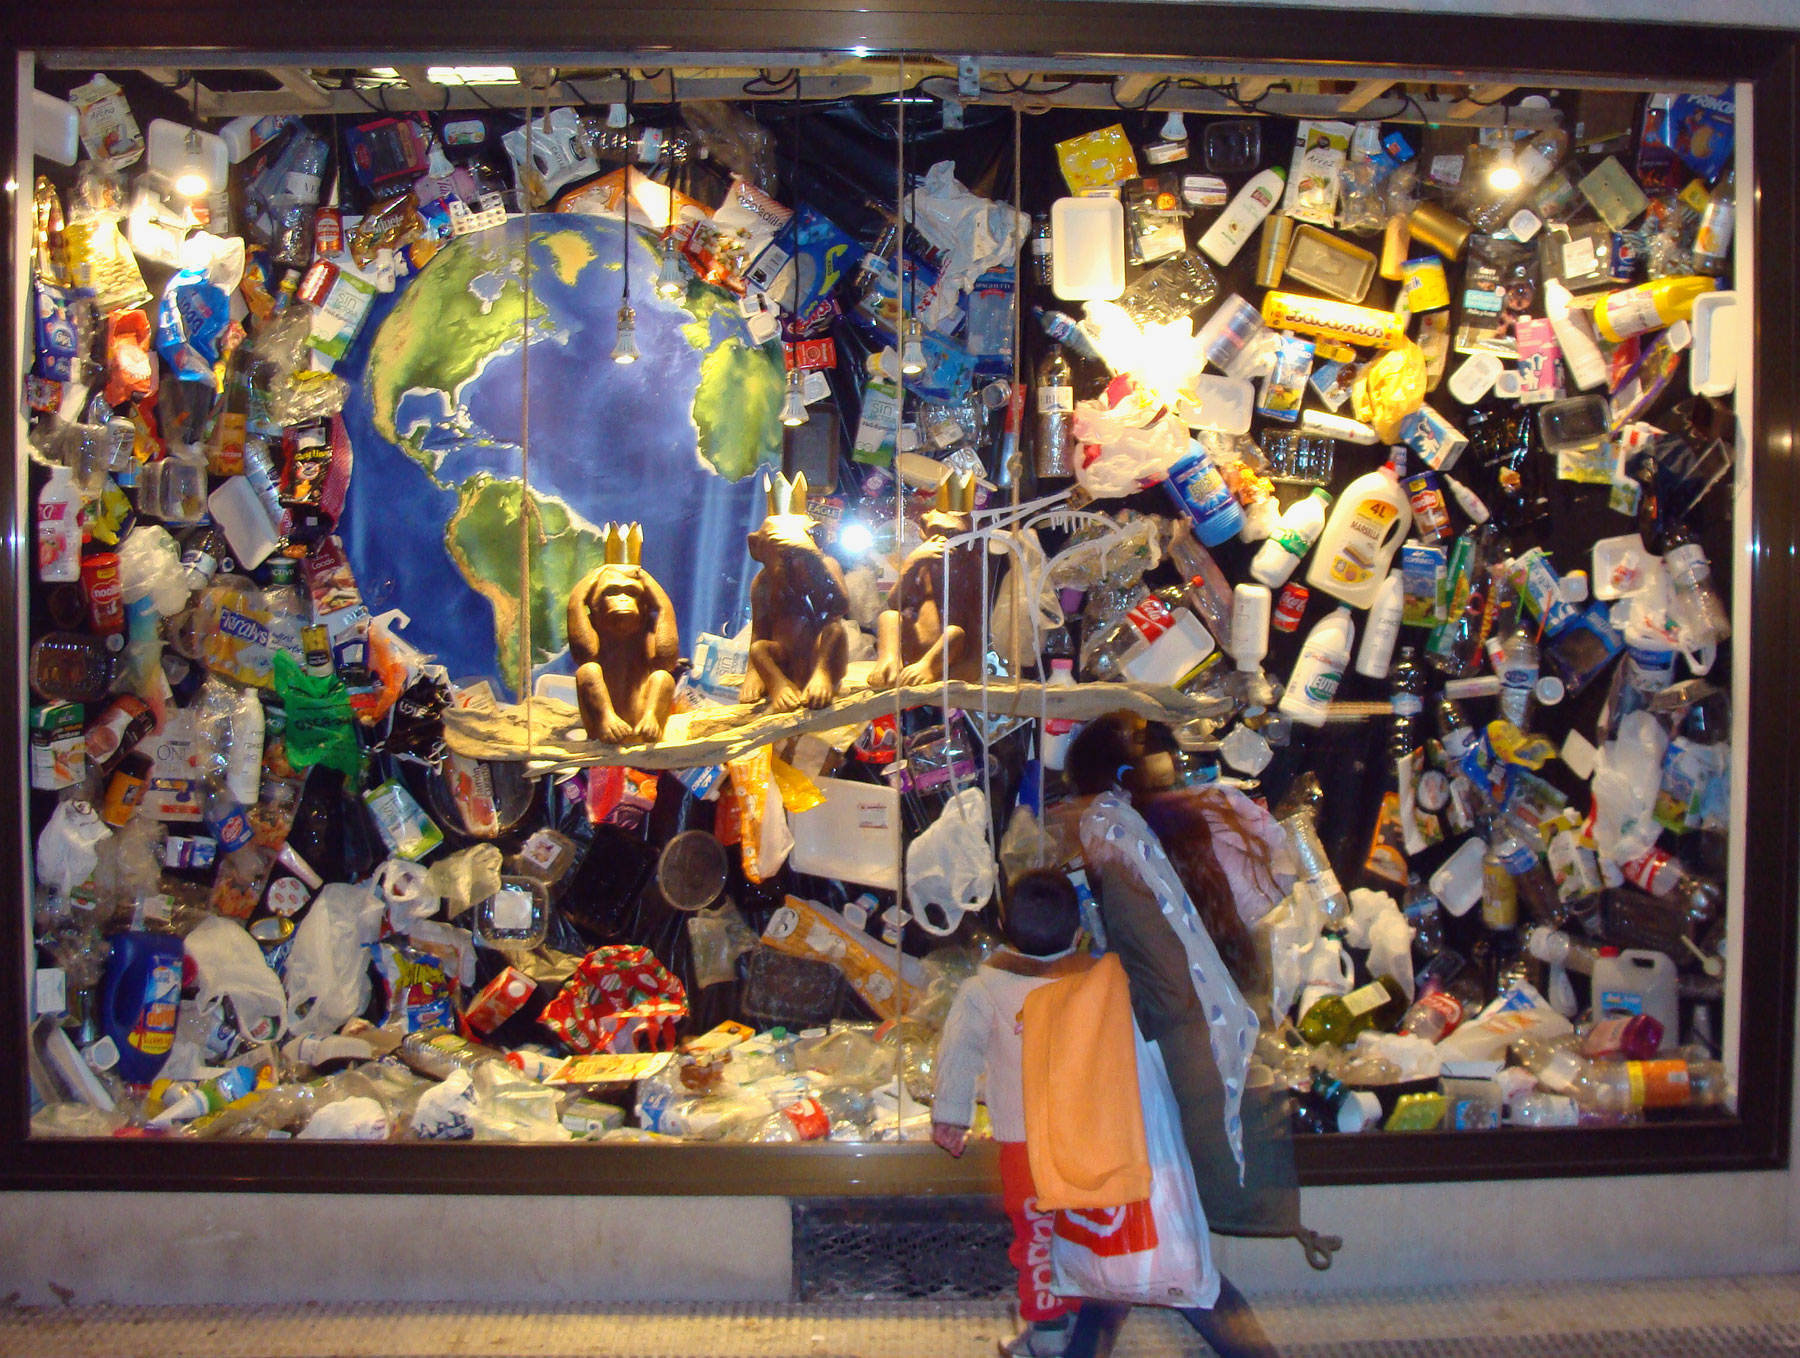 Escaparate de la Peluqueduca, Huesca, sobre la invasión del plástico